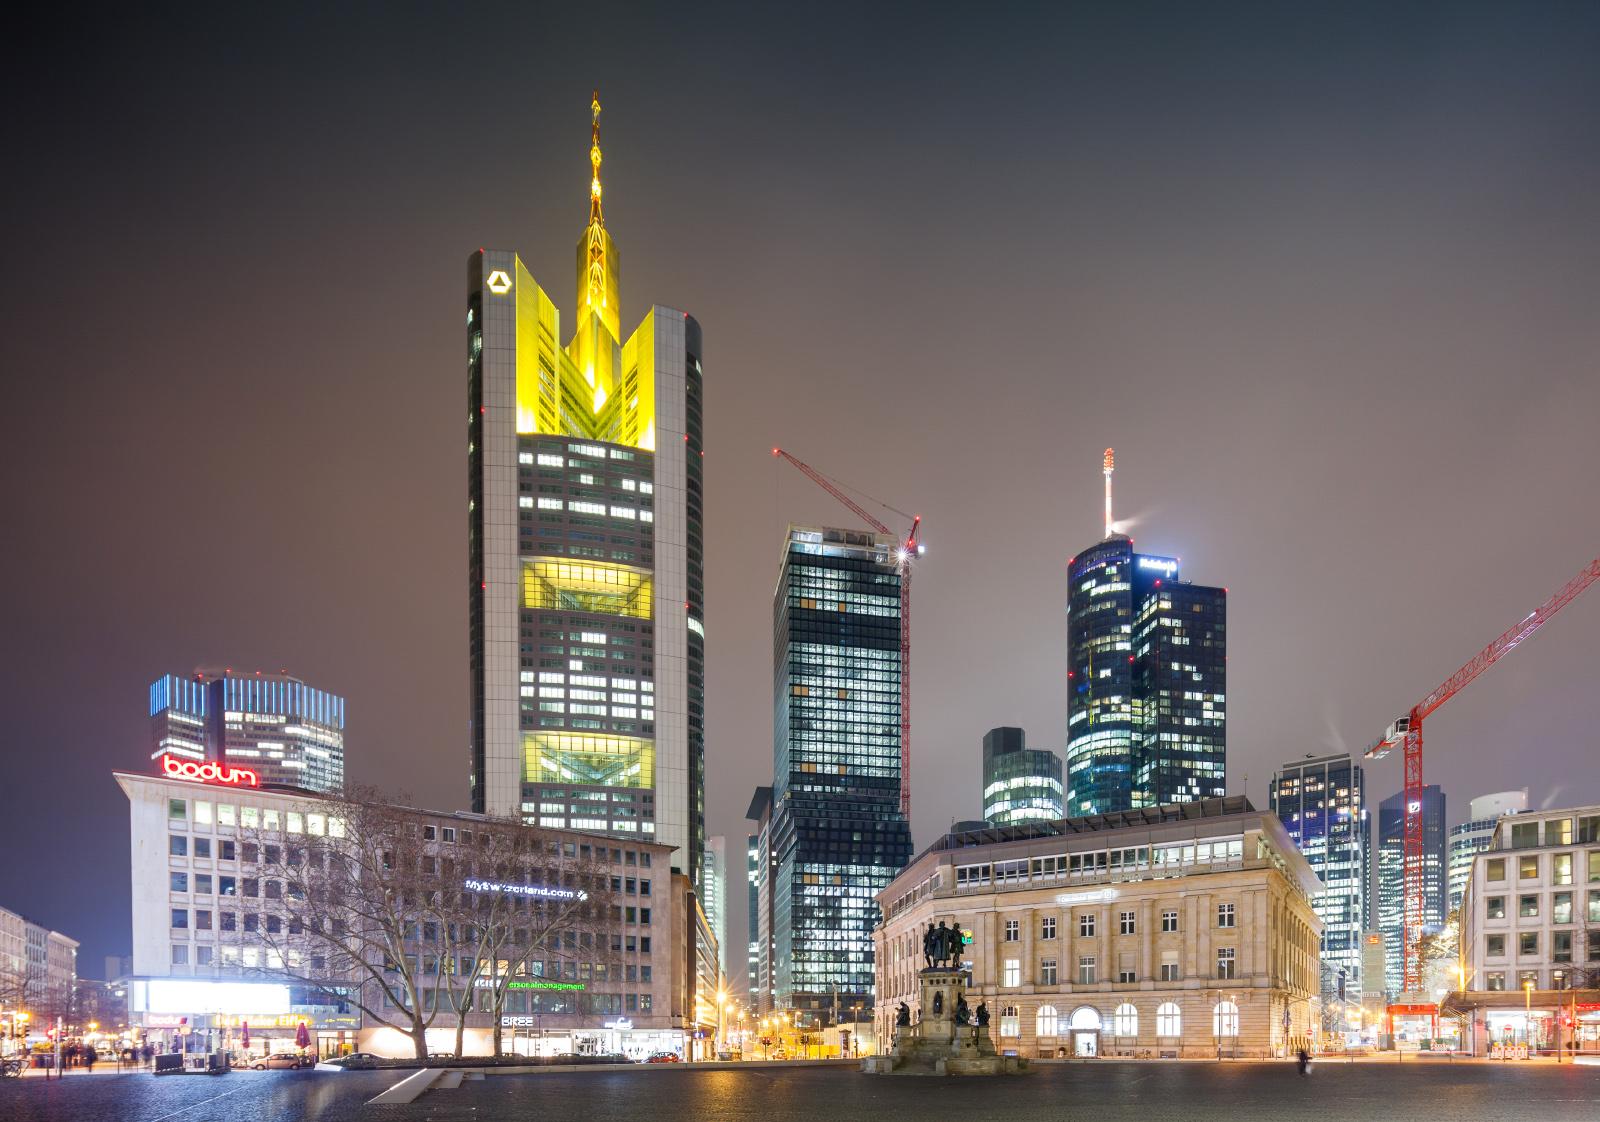 Bild: http://www.telesniuk.com/frankfurt/Frankfurt-380_s.jpg